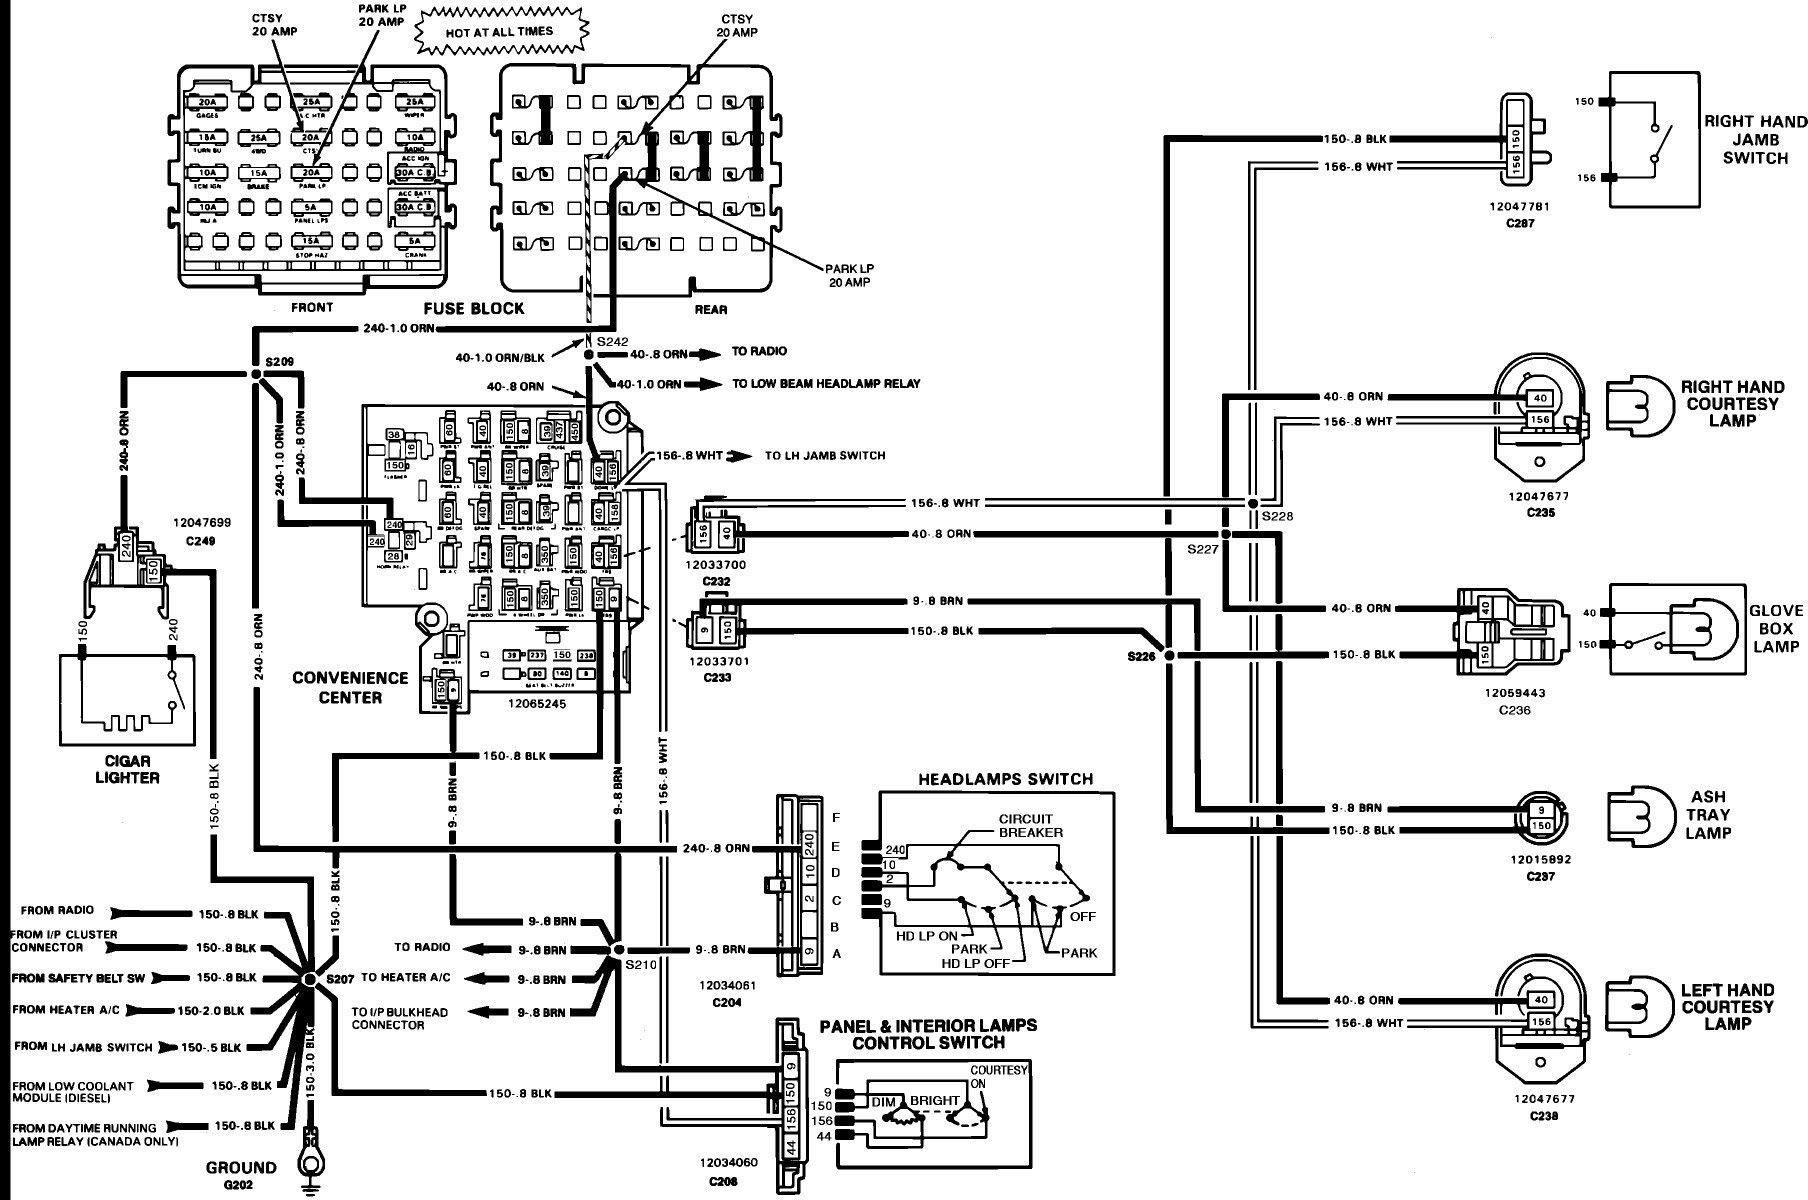 New Wiring Diagram Electric Garage Door Diagram